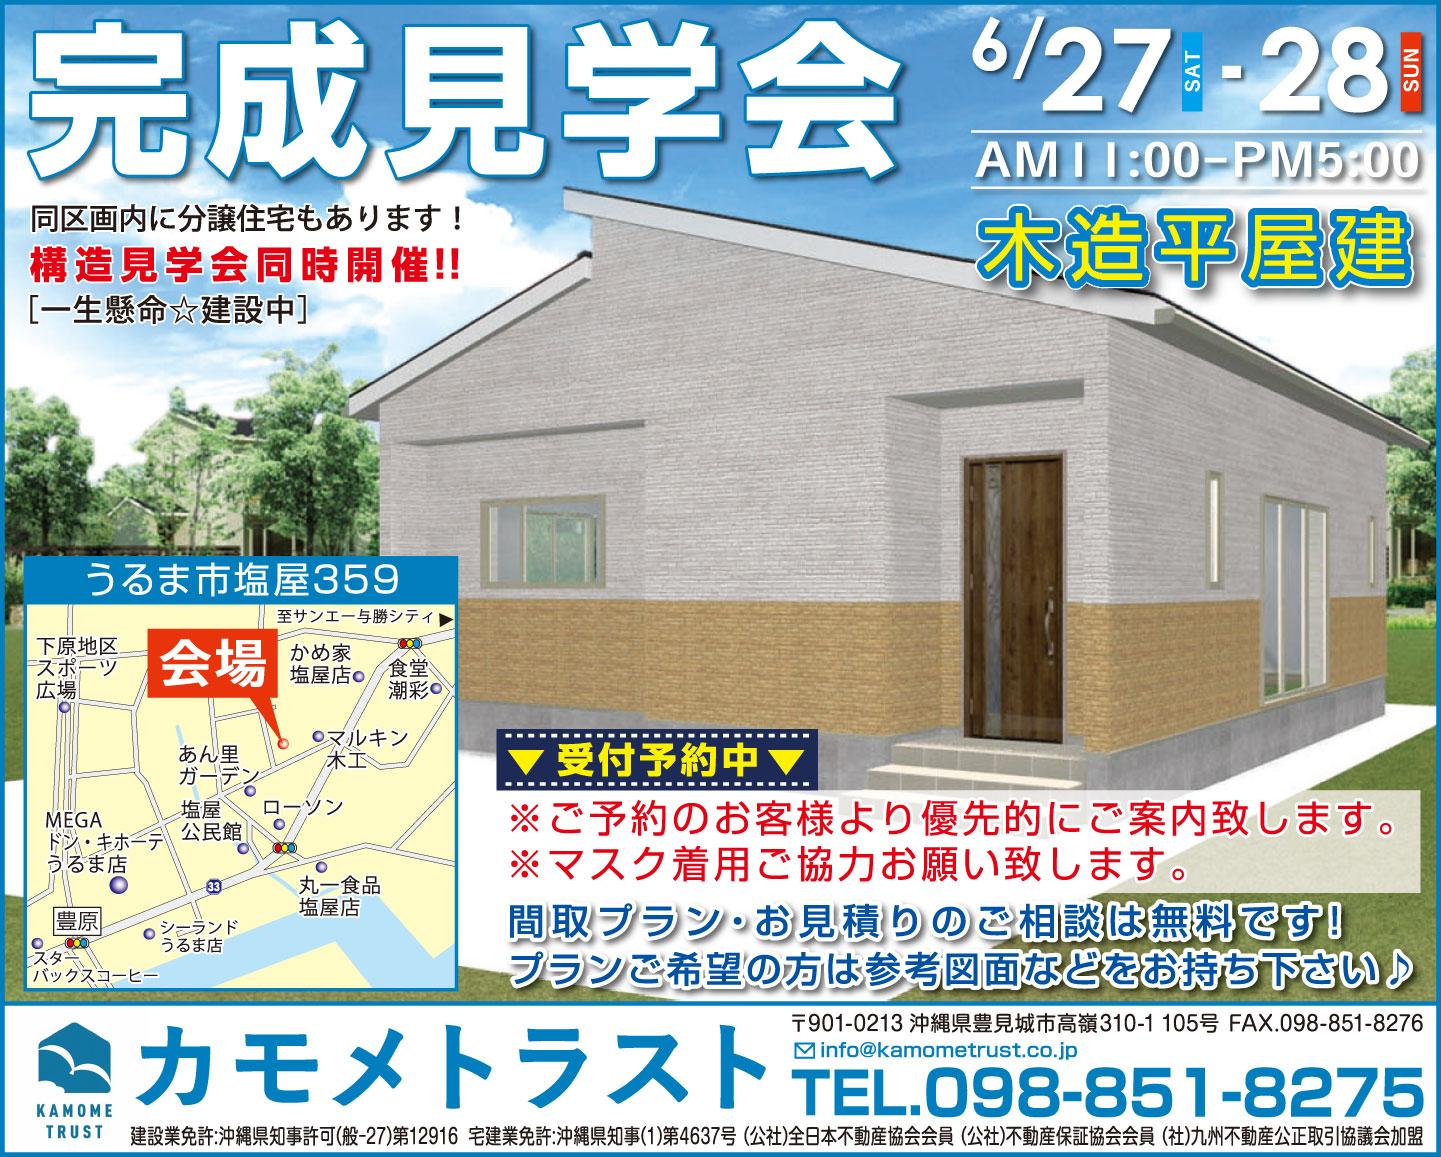 沖縄 ニュース